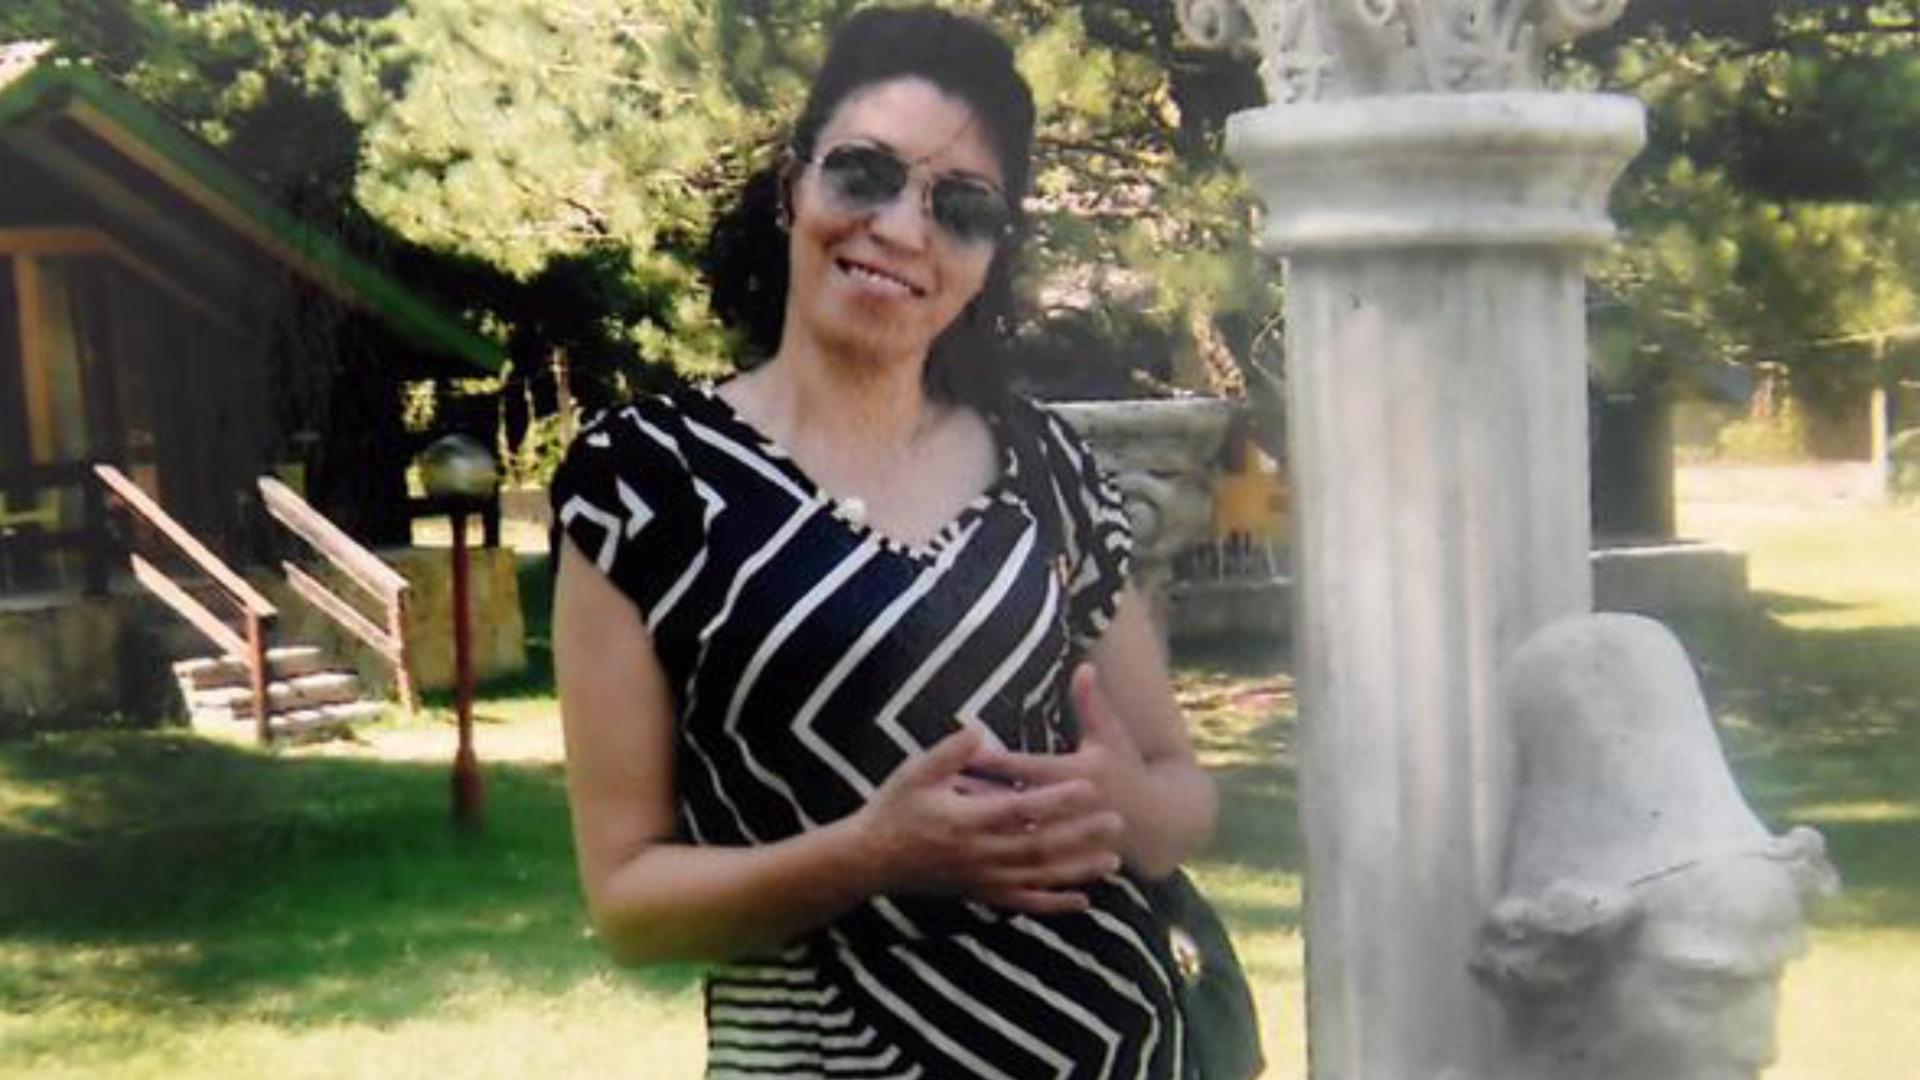 Vrasja makabre e marokenes në Itali, arrestohen 2 shqiptarë